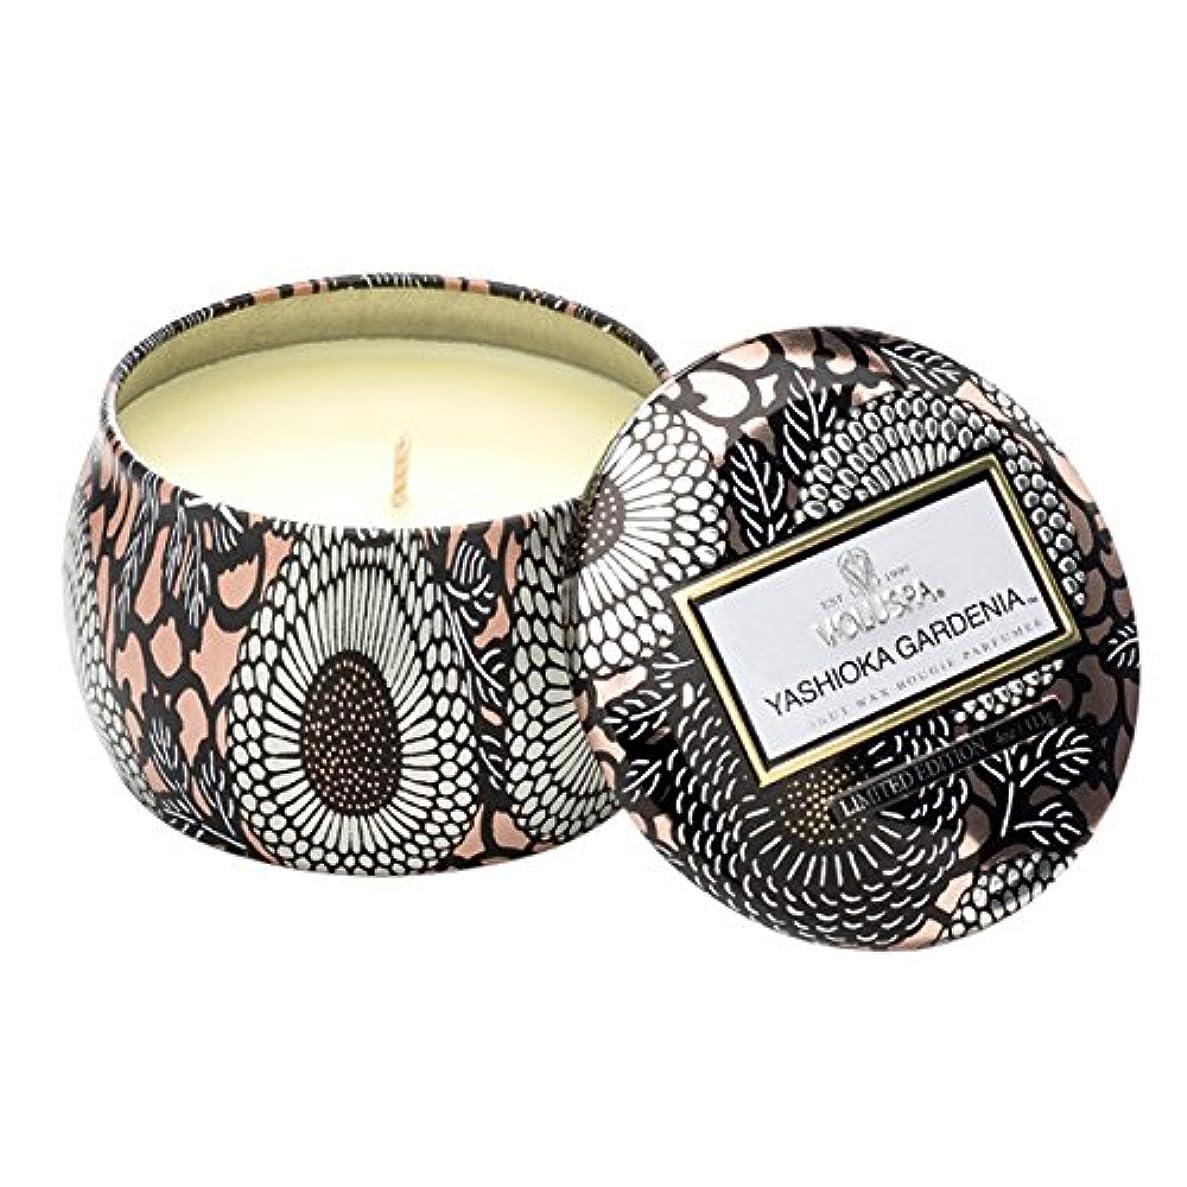 産地物理的にロッカーVoluspa ボルスパ ジャポニカ リミテッド ティンキャンドル  S ヤシオカガーデニア YASHIOKA GARDENIA JAPONICA Limited PETITE Tin Glass Candle